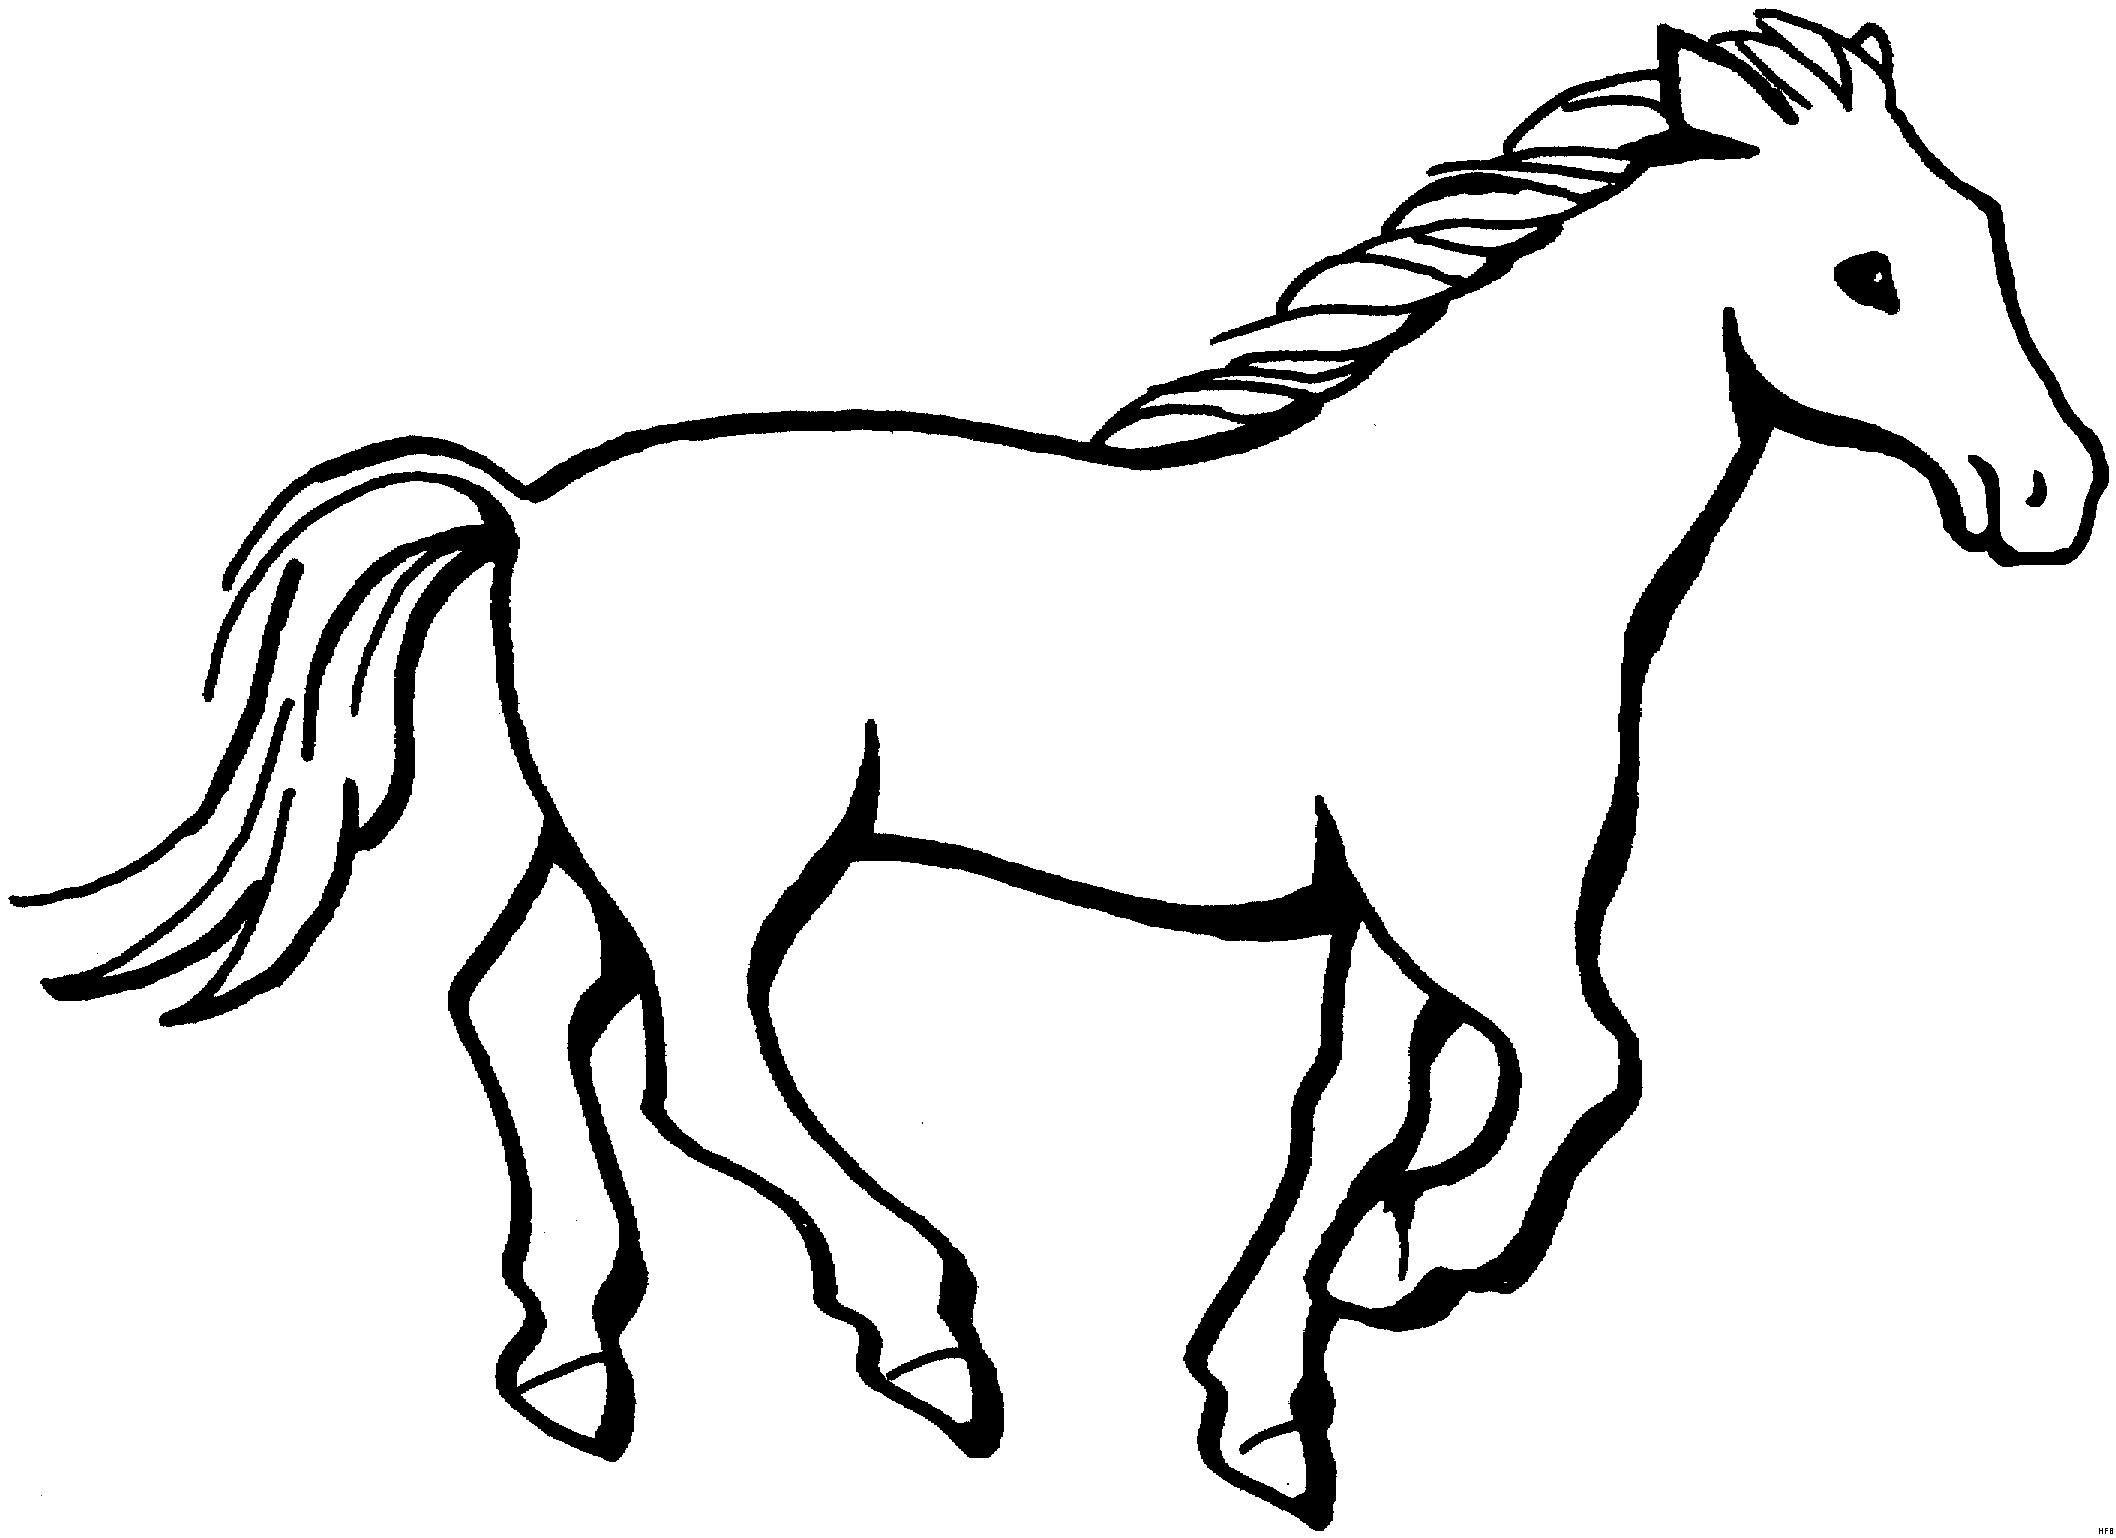 Osterhasen Zum Ausdrucken Inspirierend Ausmalbild Pferd – Ausmalbilder Für Kinder Neu Osterhasen Bilder